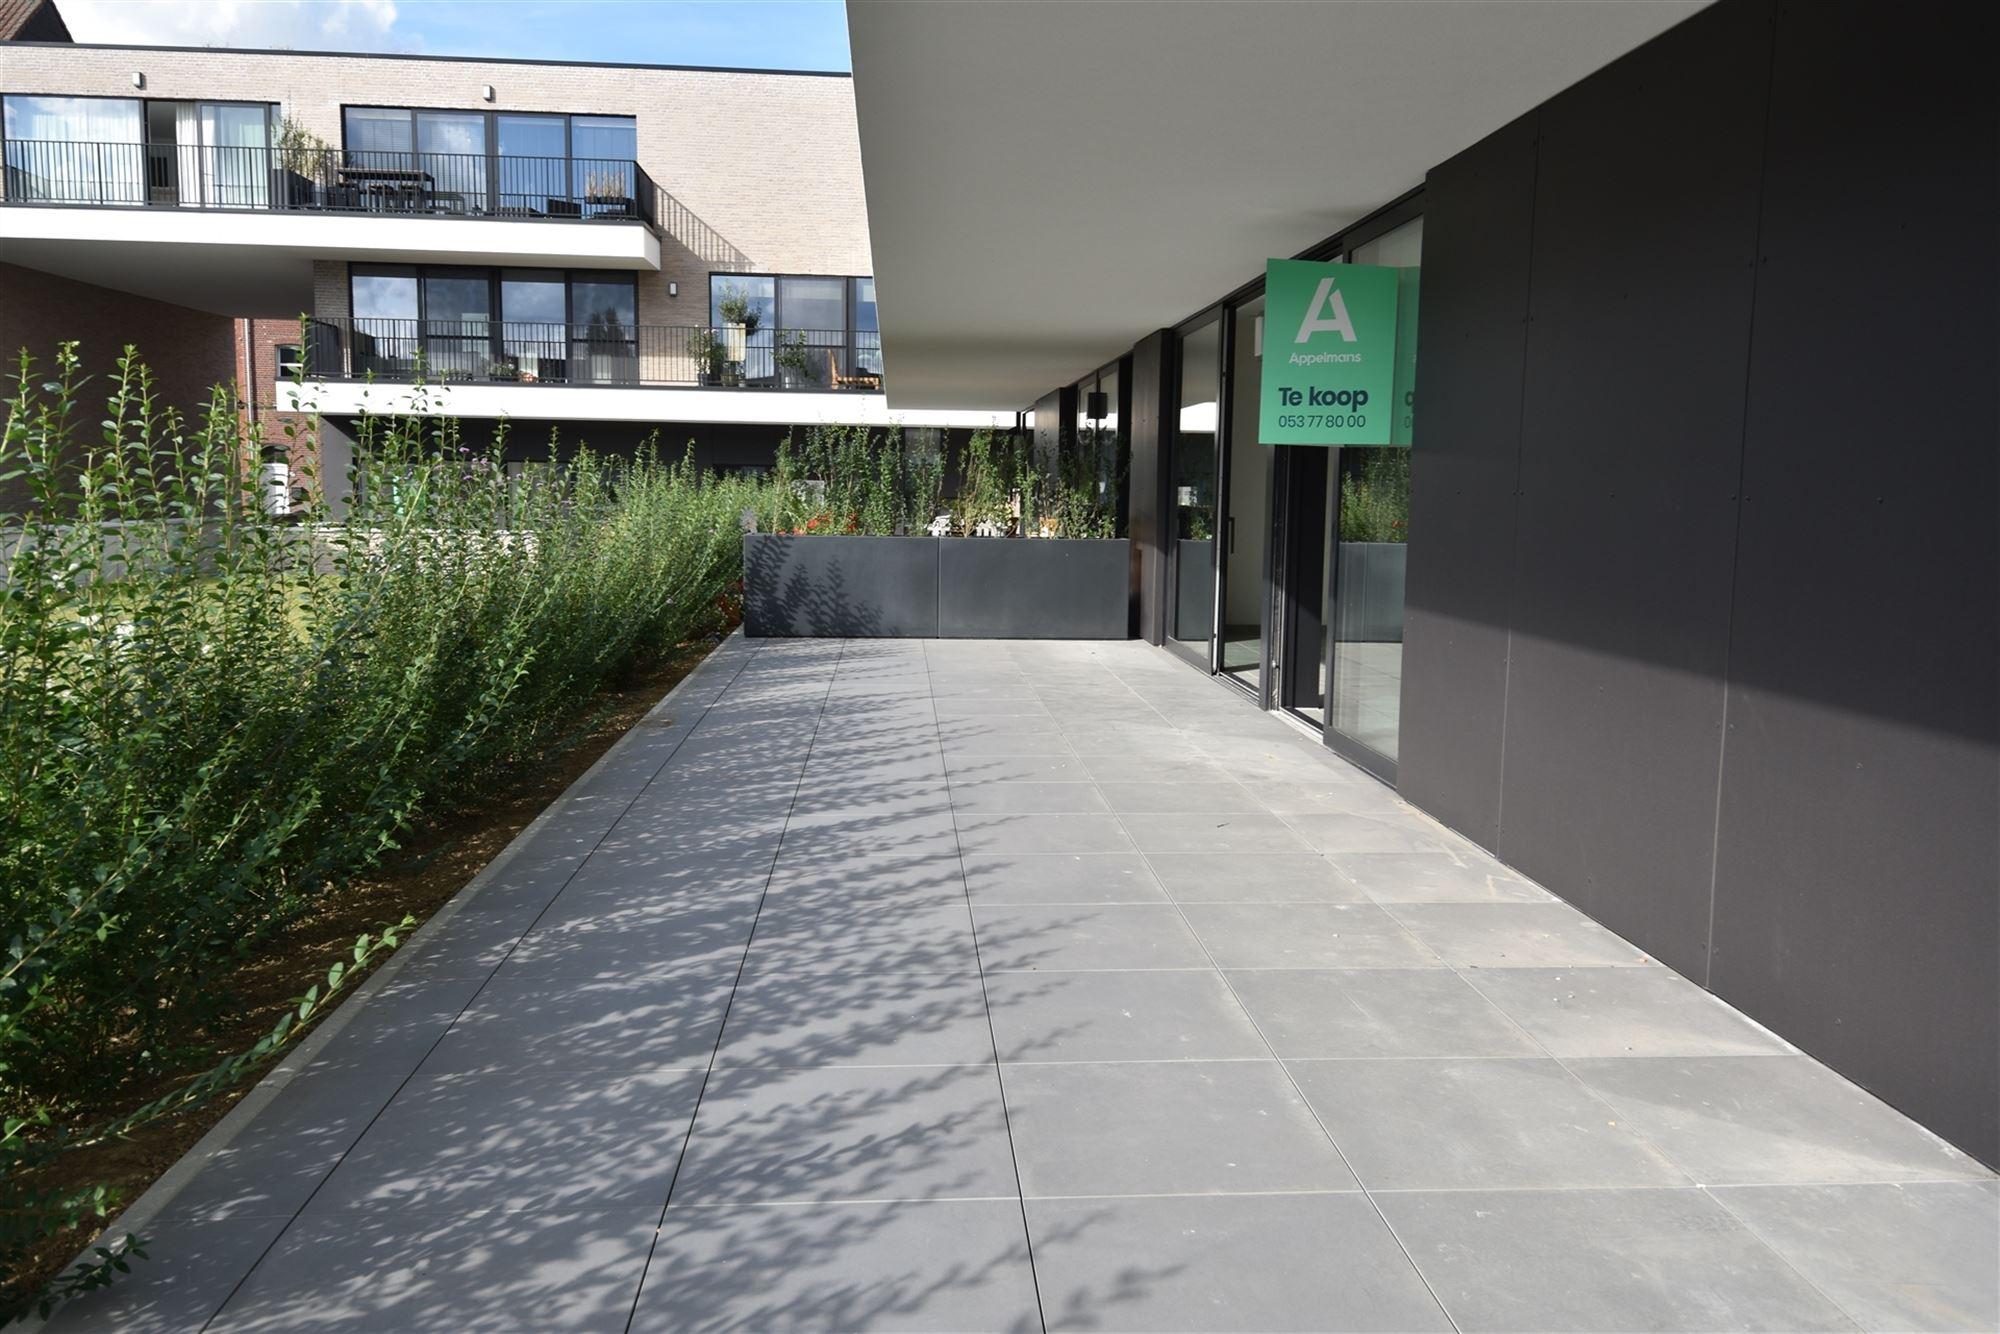 In een hippe, gezinsvriendelijke buurt van Aalst vlakbij de Dender en de stadsring creëert projectontwikkelaar Bostoen een nieuwbouwverkaveling besta...